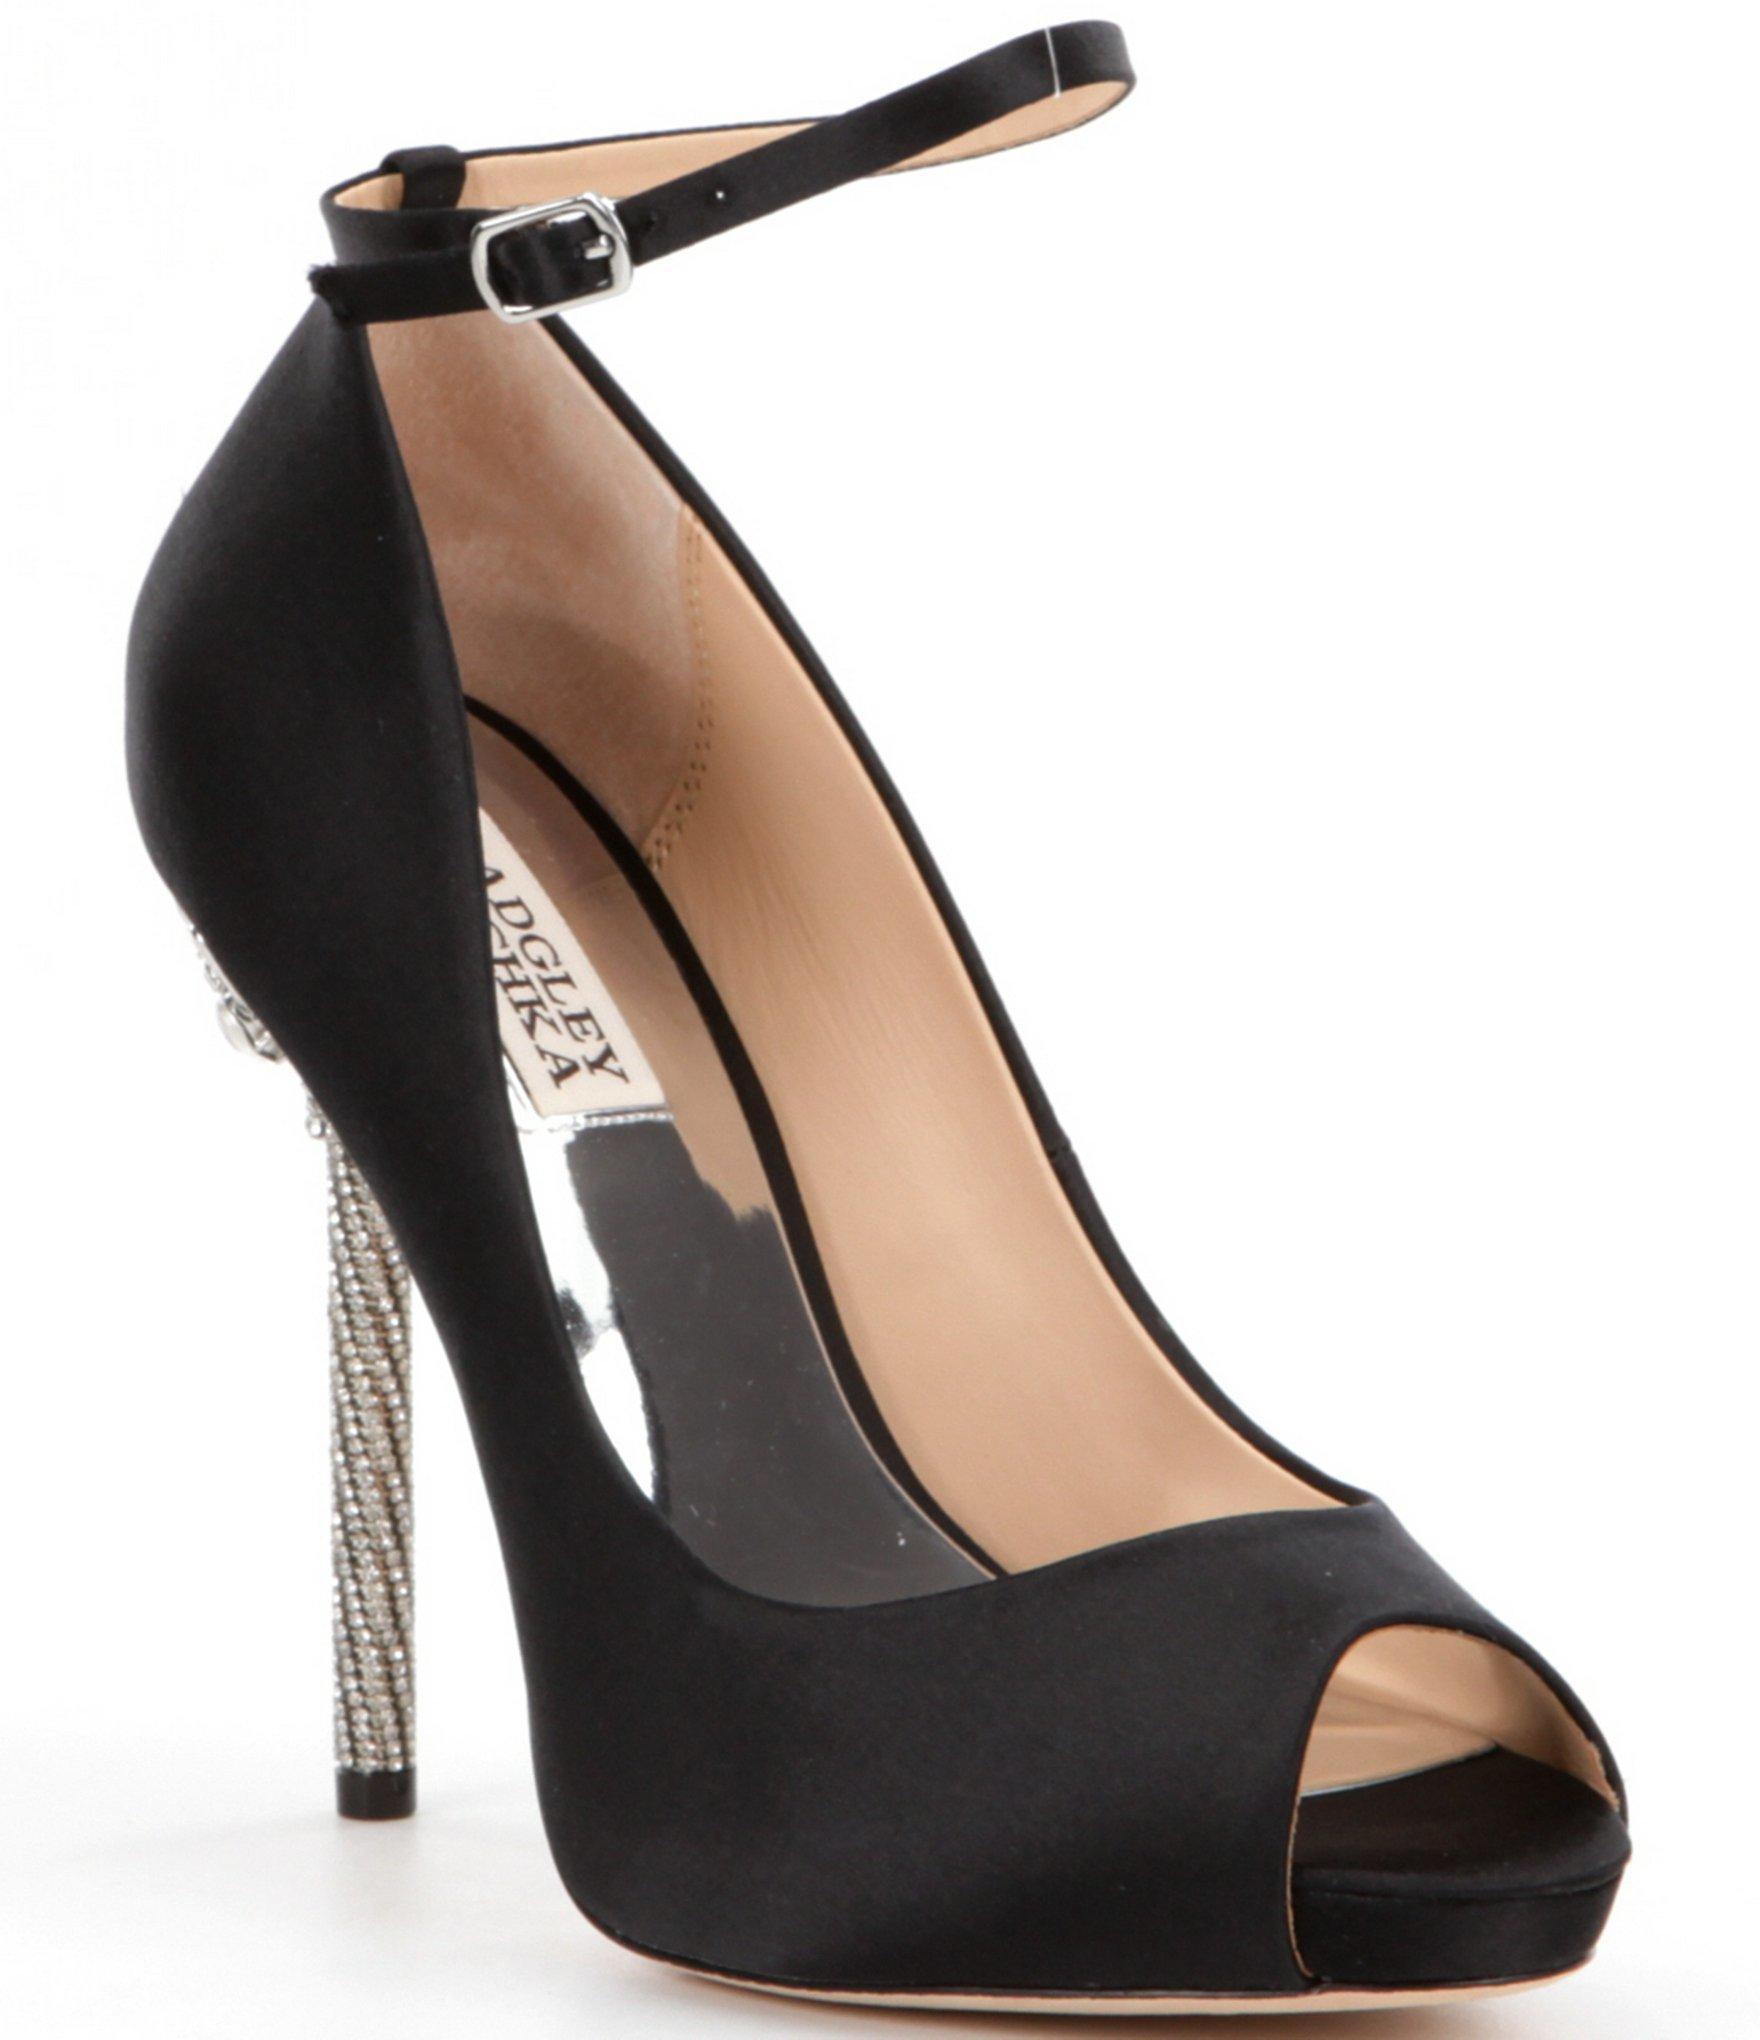 Peep Toe Black Satin Shoes